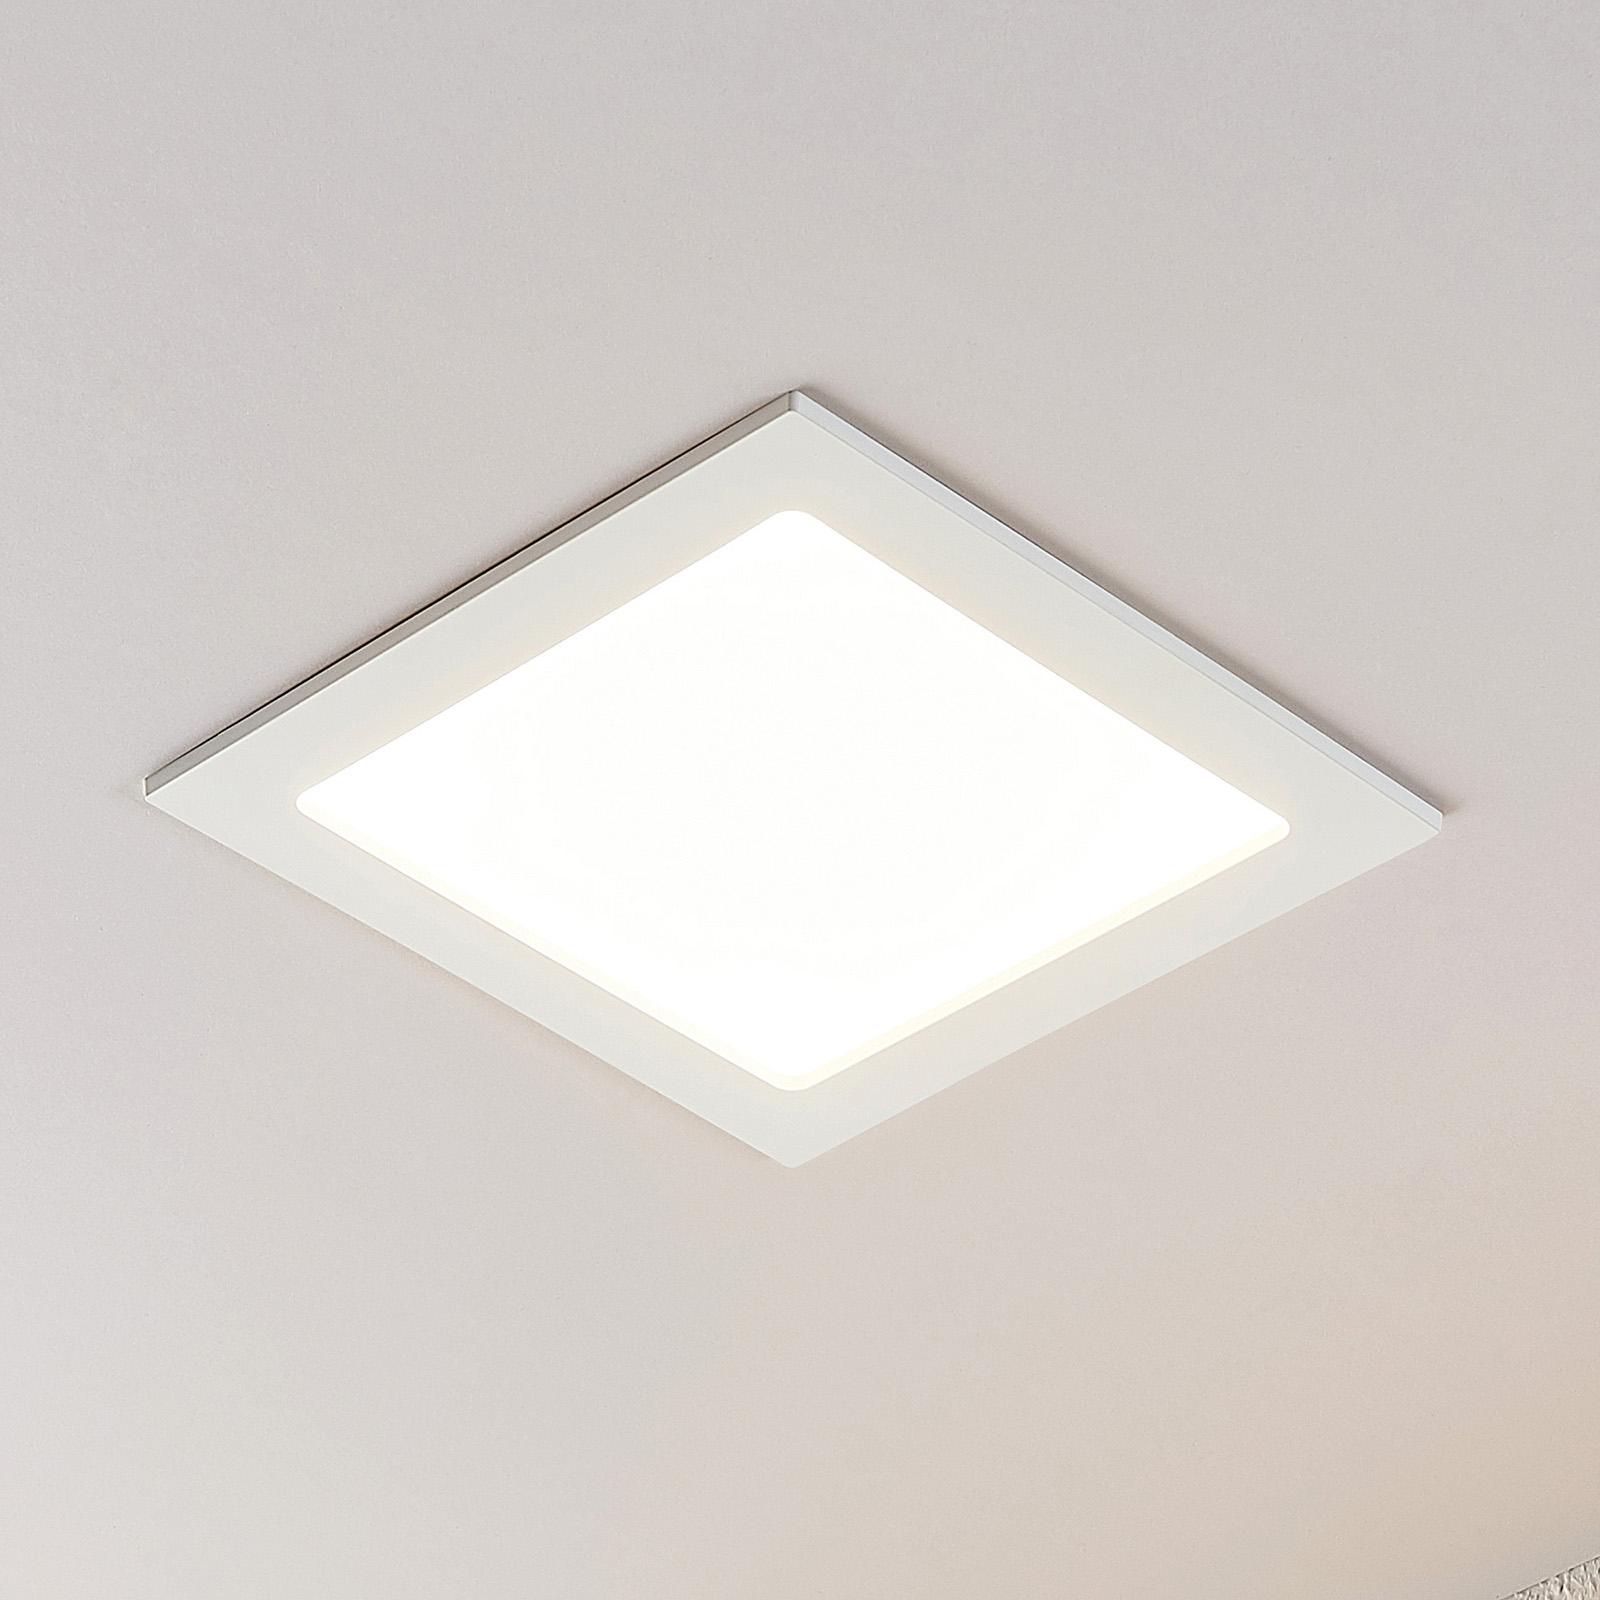 LED-kohdevalo Joki valkoinen 3000K kulmikas 24cm